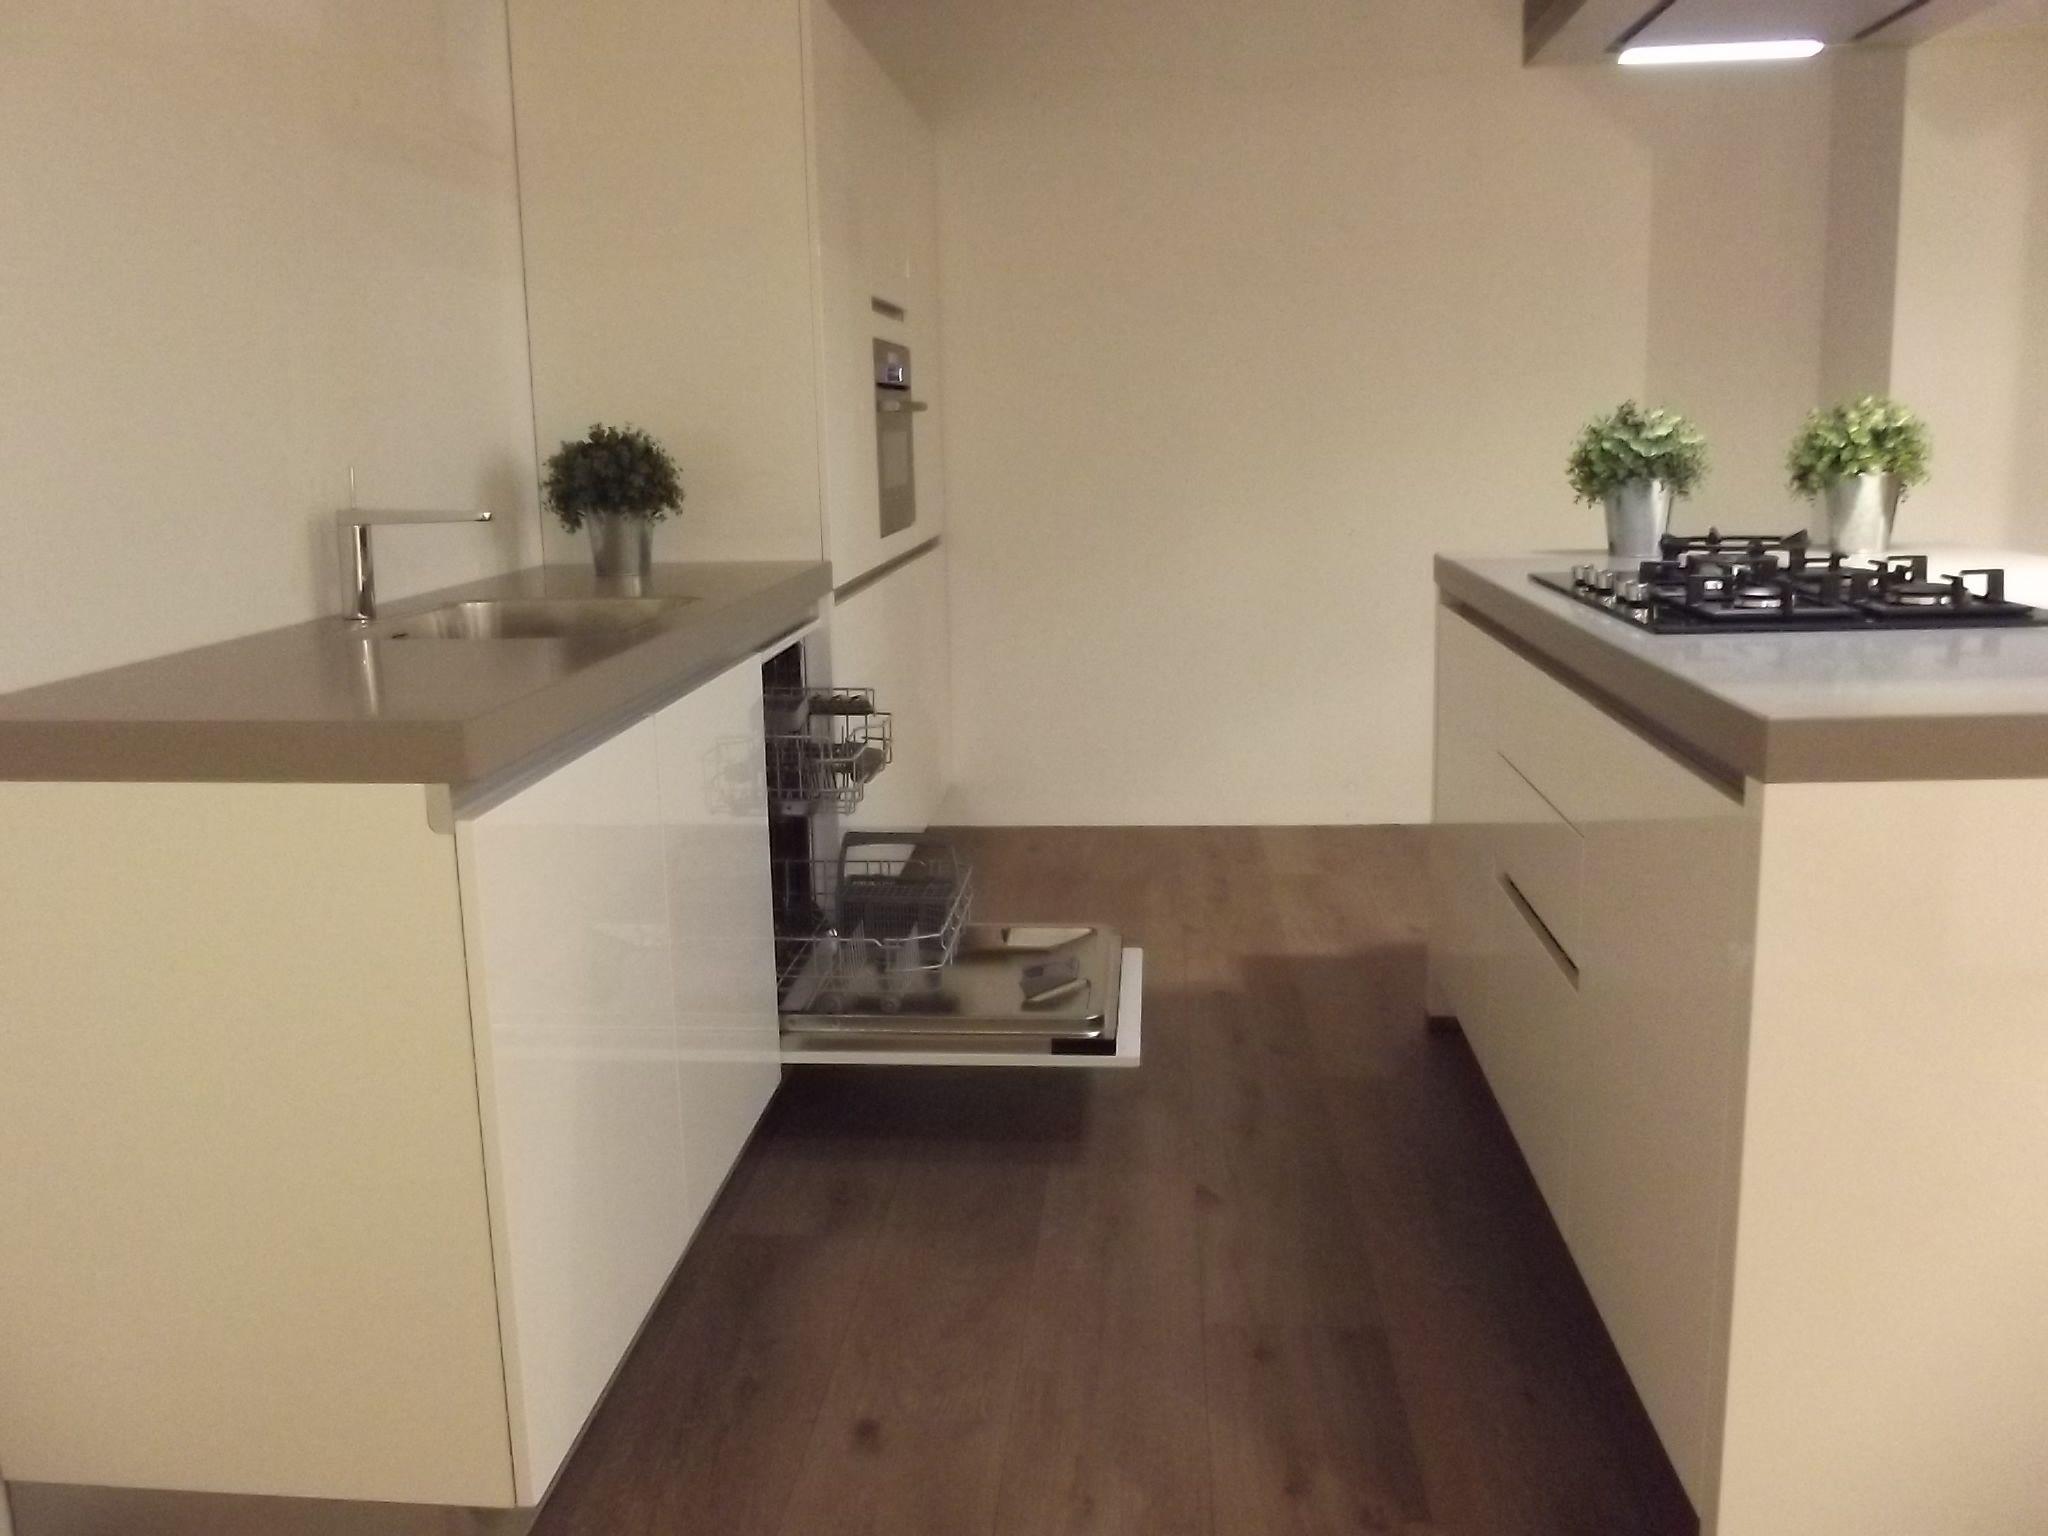 Witte Kraan Keuken: Vri interieur exclusieve landelijk moderne keuken.